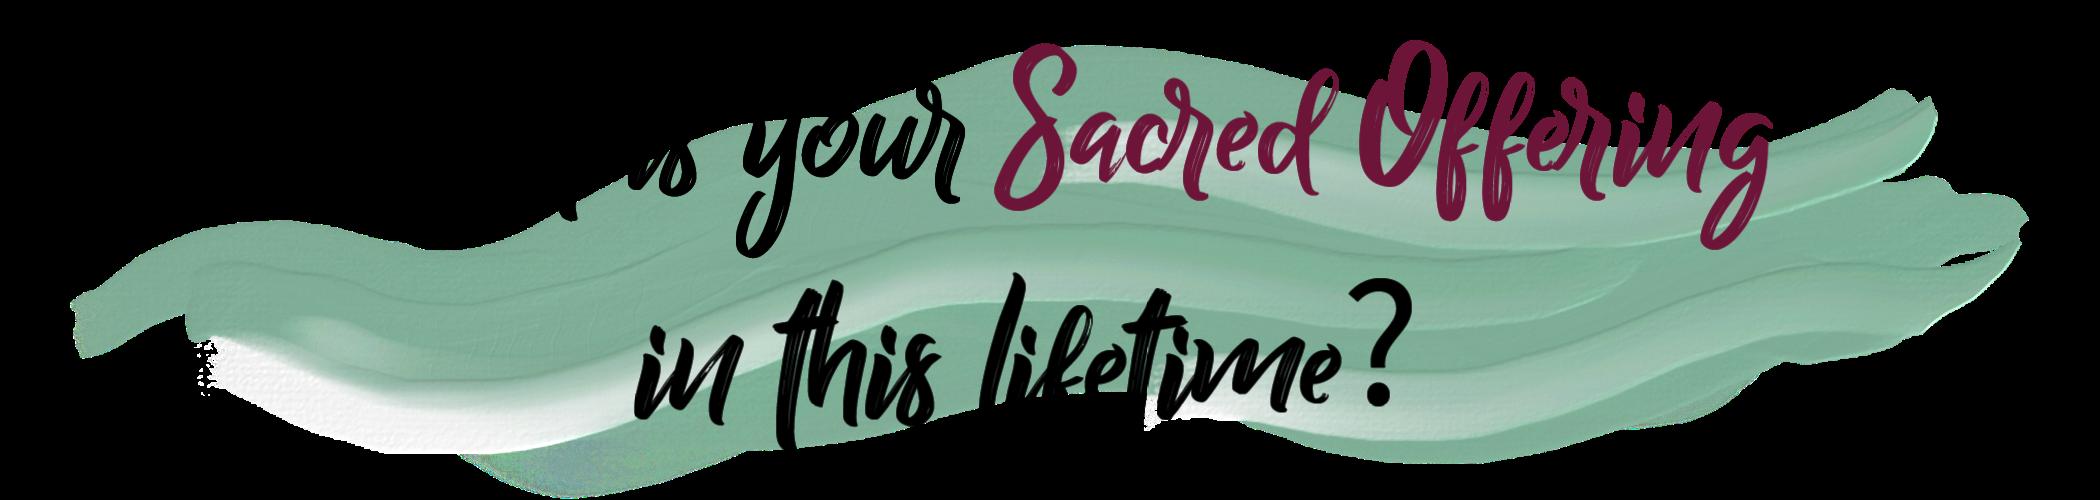 Mentorship Circle, Sacred Offering, Herbal Training, Herbal Wisdom, Herbalist